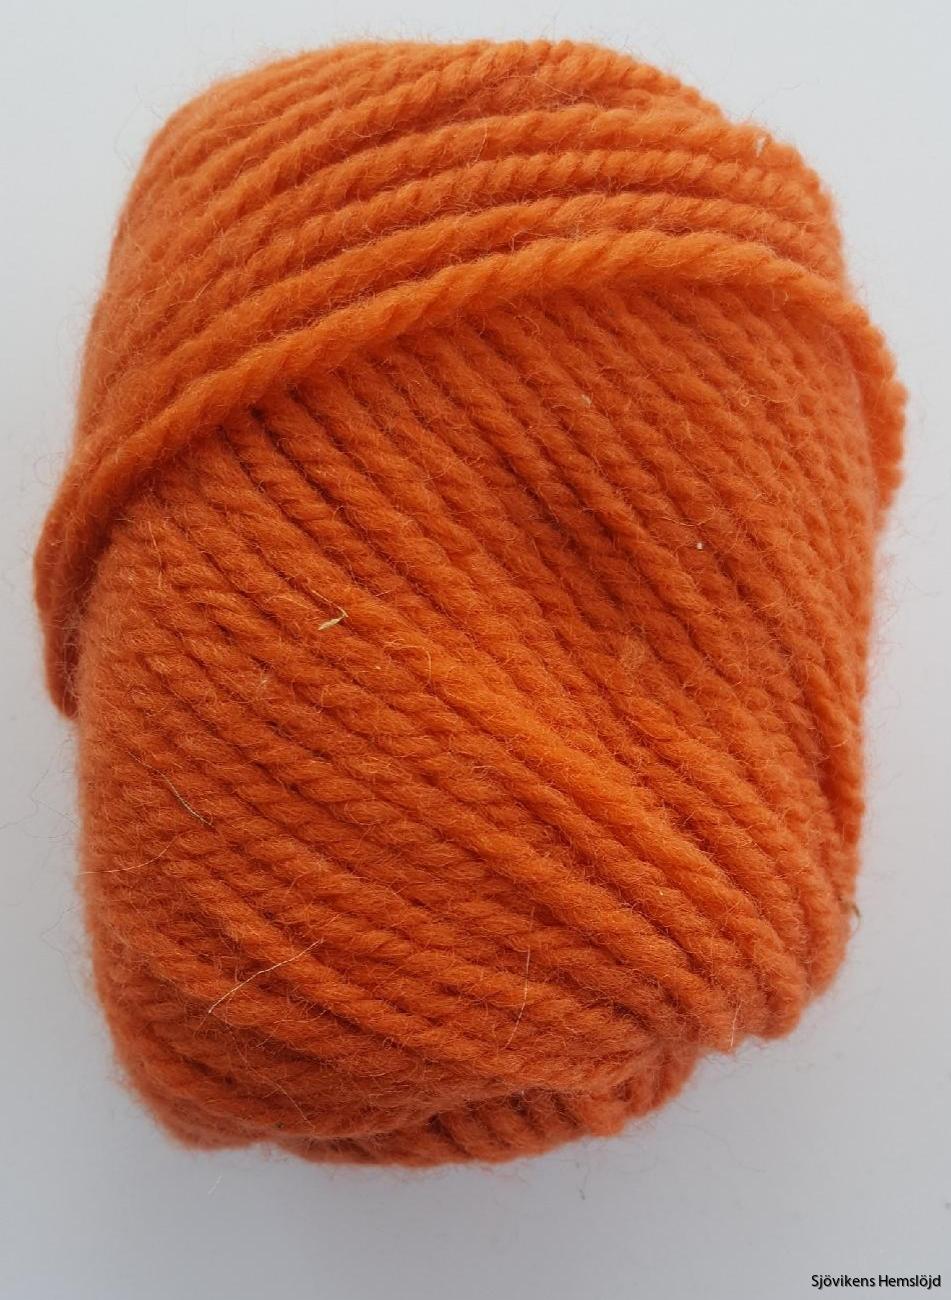 tuva orange utan banderoll